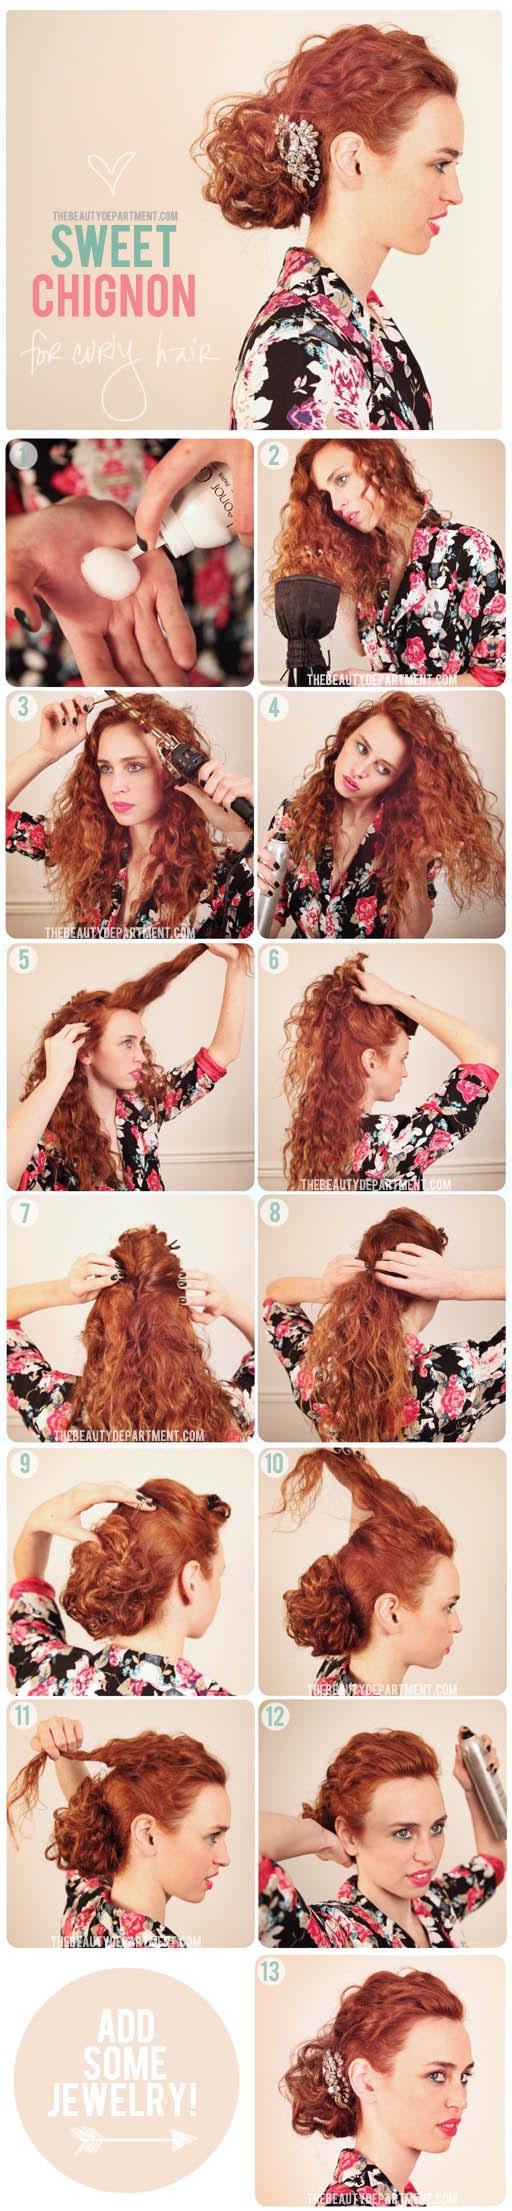 Coiffures-Pratiques-Sur-Cheveux-Bouclés-8